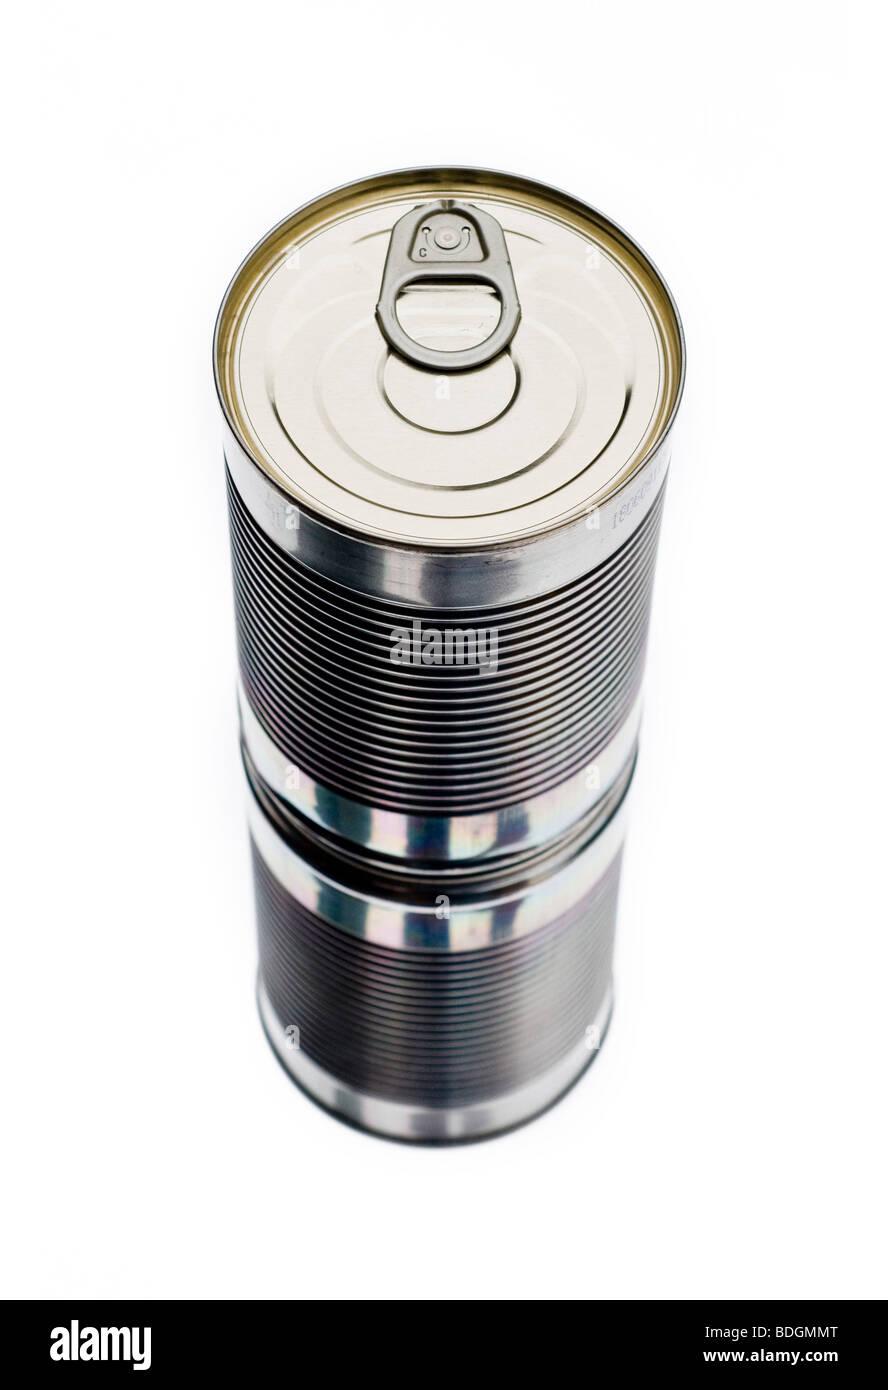 aluminium can - Stock Image